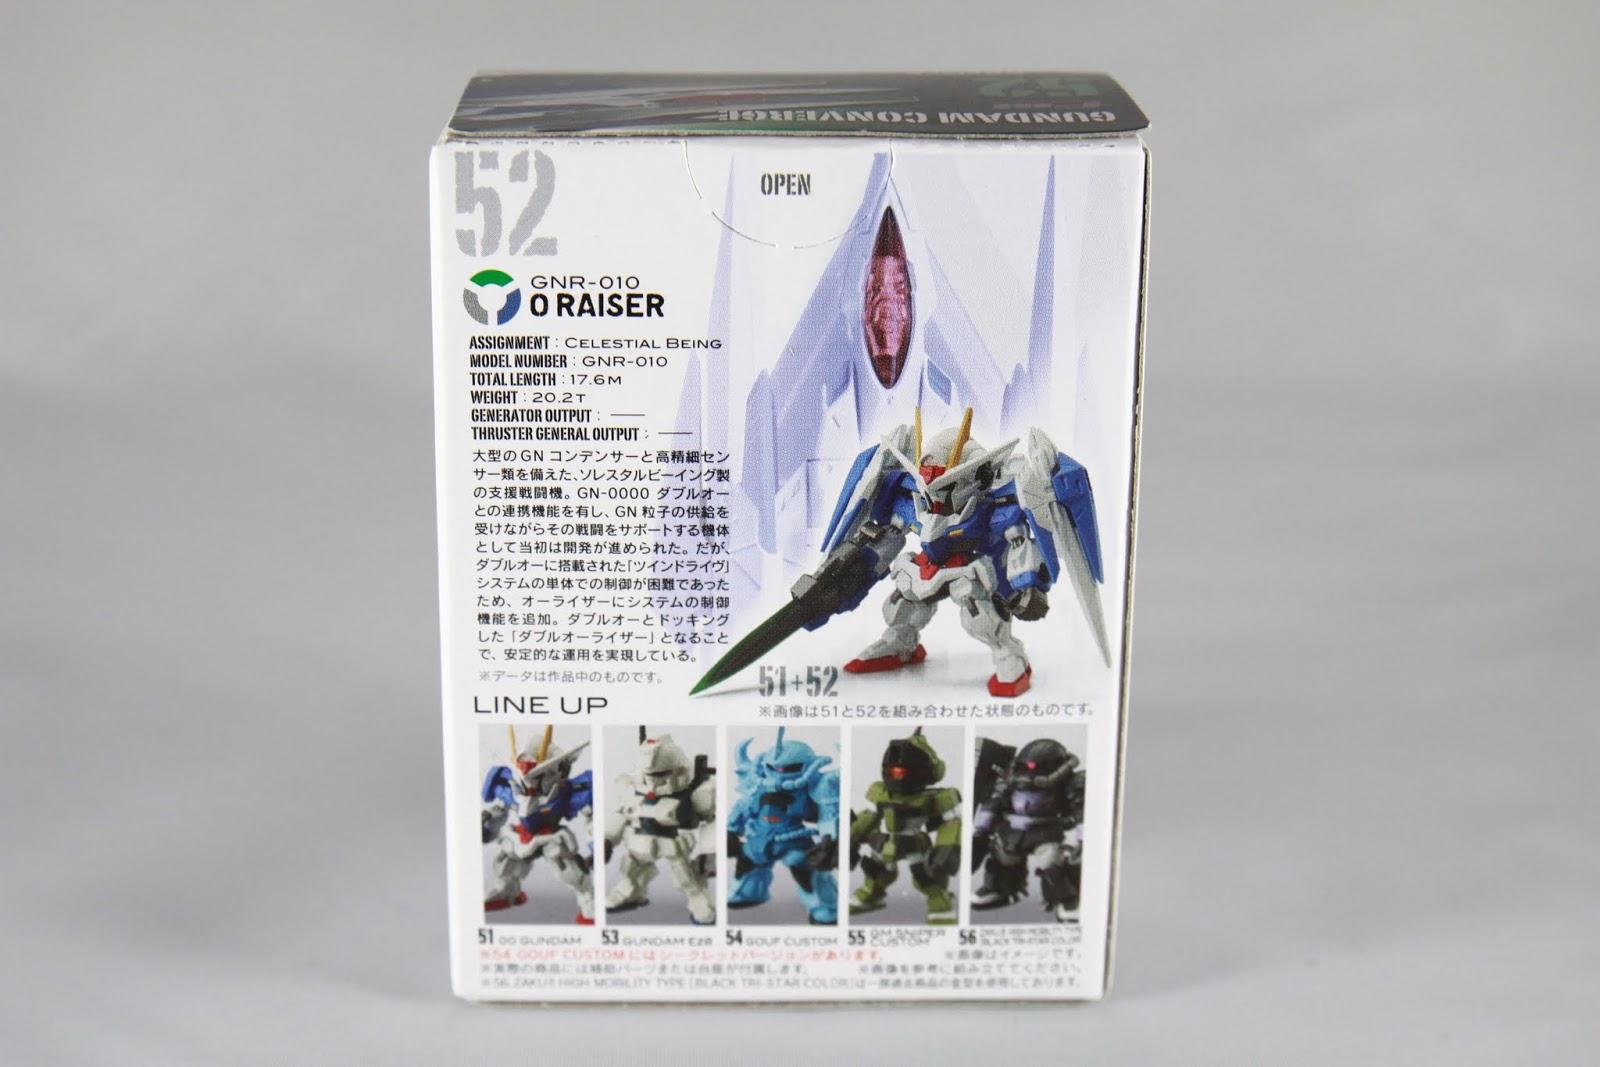 因為OO Gundam本身在開發時只能以理論的方式推斷Twin Drive的出力 導致完成機不但無法穩定其兩顆GN太陽爐 也無法完全發揮Twin Drive的實力 因此開發了支援戰機-O Raiser 不過所謂支援並不是協同作戰 簡單說就是台可以合體的大型穩壓器 是說 登場後也就沒有再分離作戰過啊~